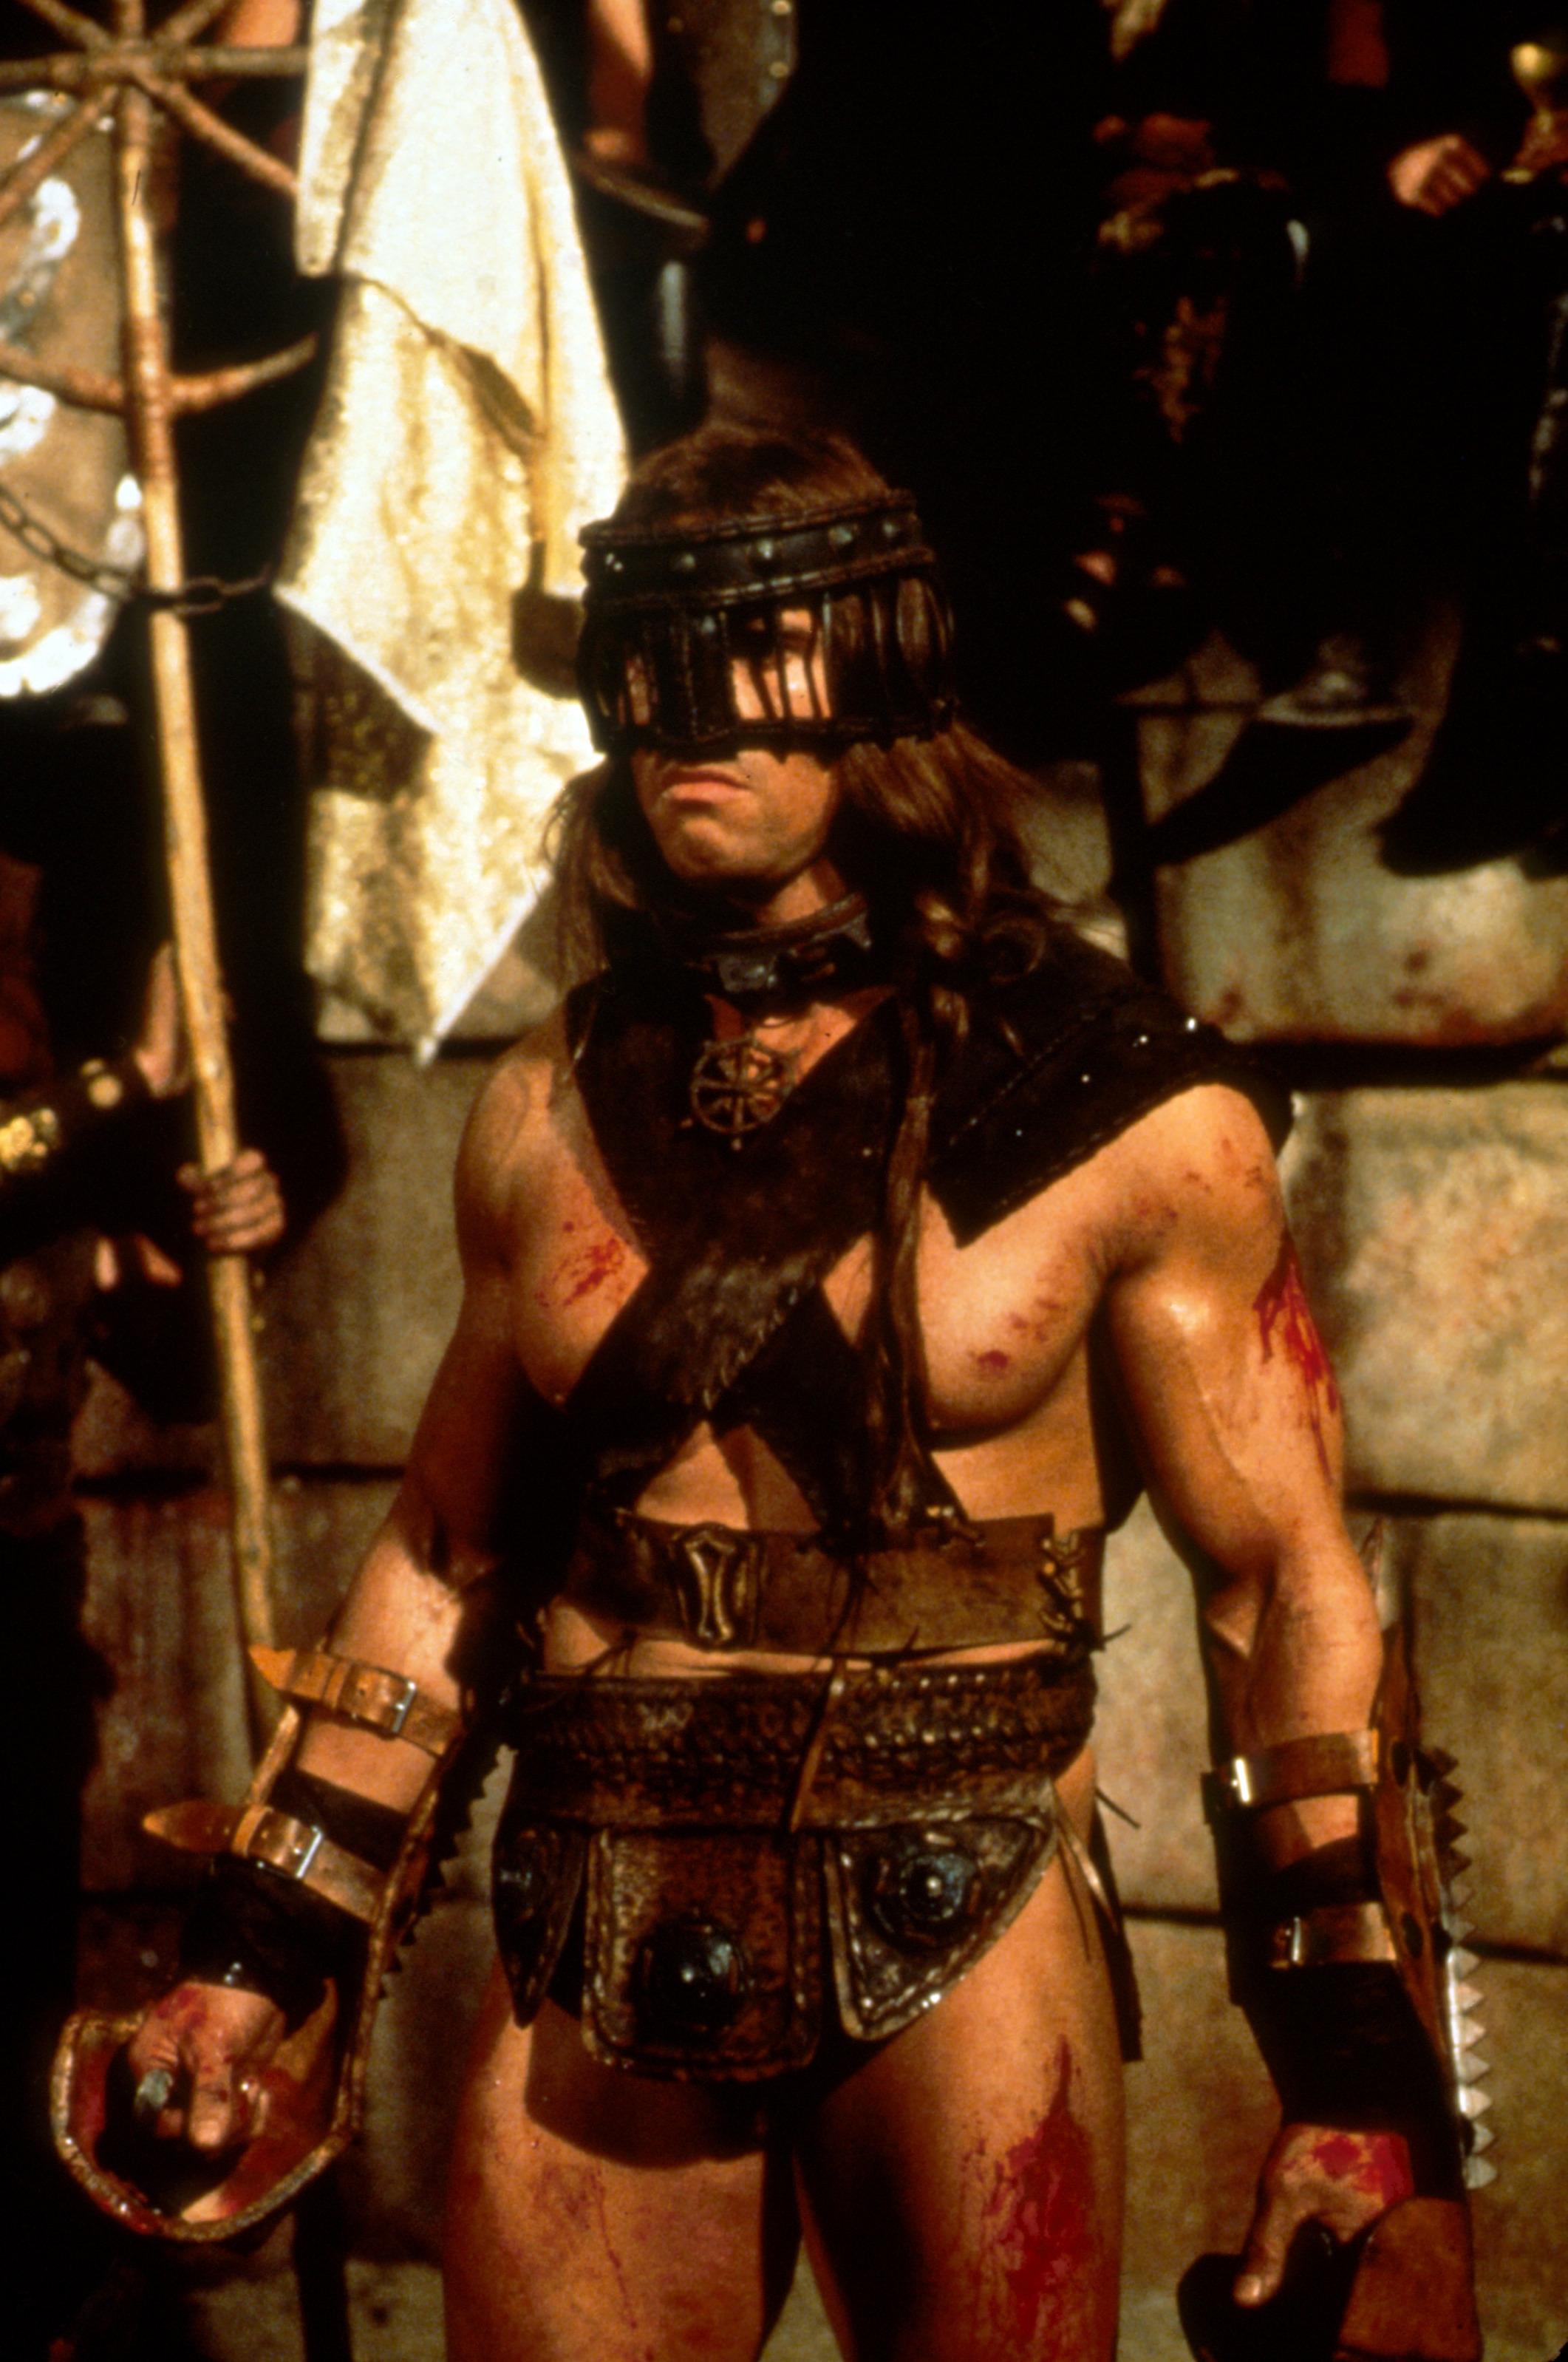 ÁLBUM DE FOTOS Conan the Barbarian 1982 Conan-The-Barbarian_780c0ccc